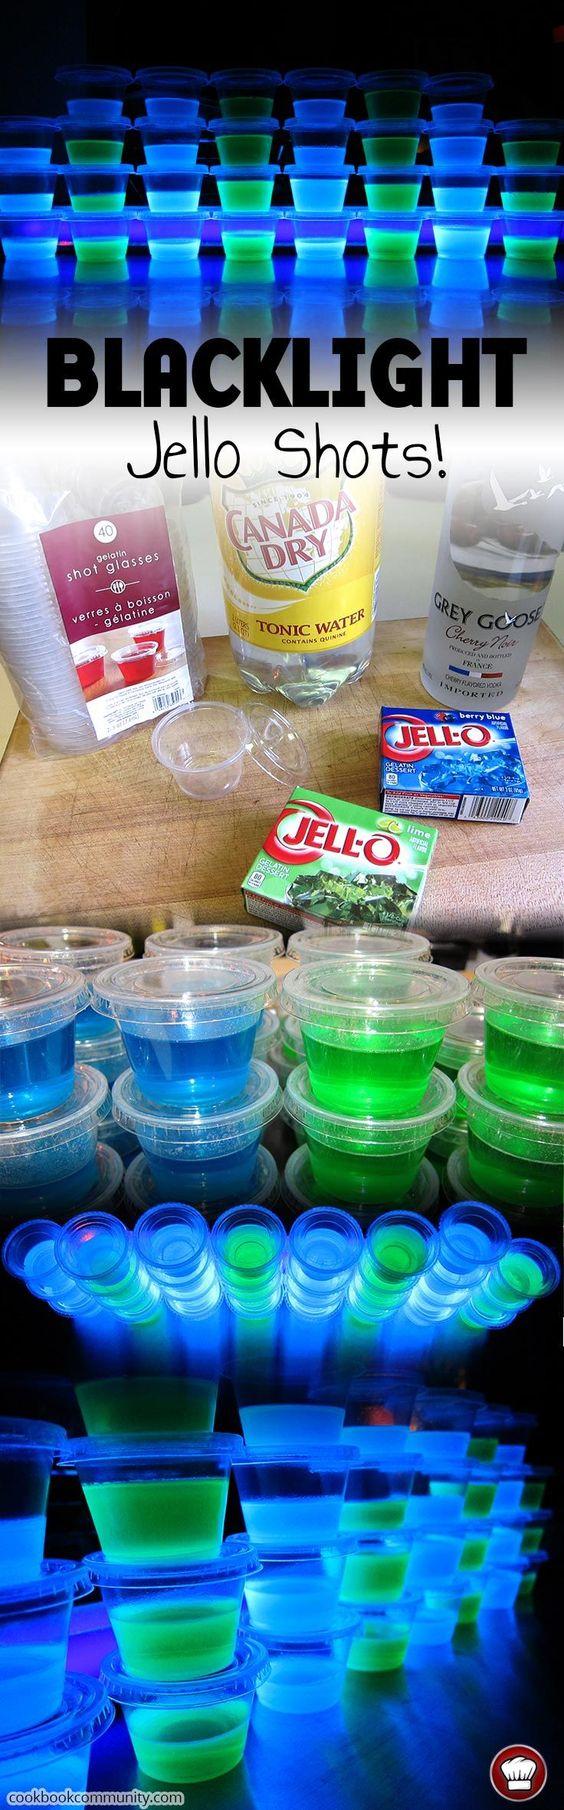 Glow in the Dark Blacklight Jello Shots Recipe - http://centophobe.com/glow-in-the-dark-blacklight-jello-shots-recipe/ -